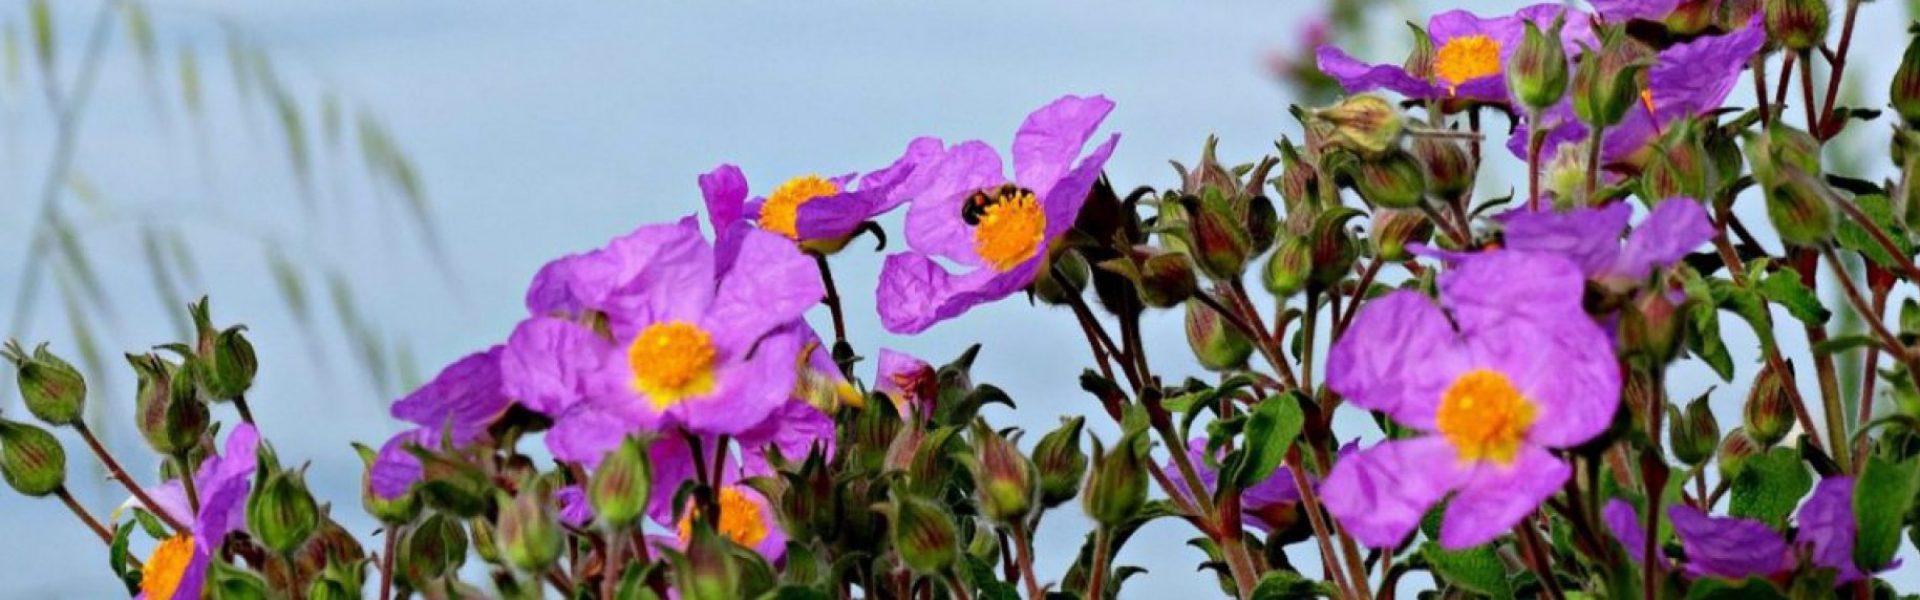 Beepollen.de